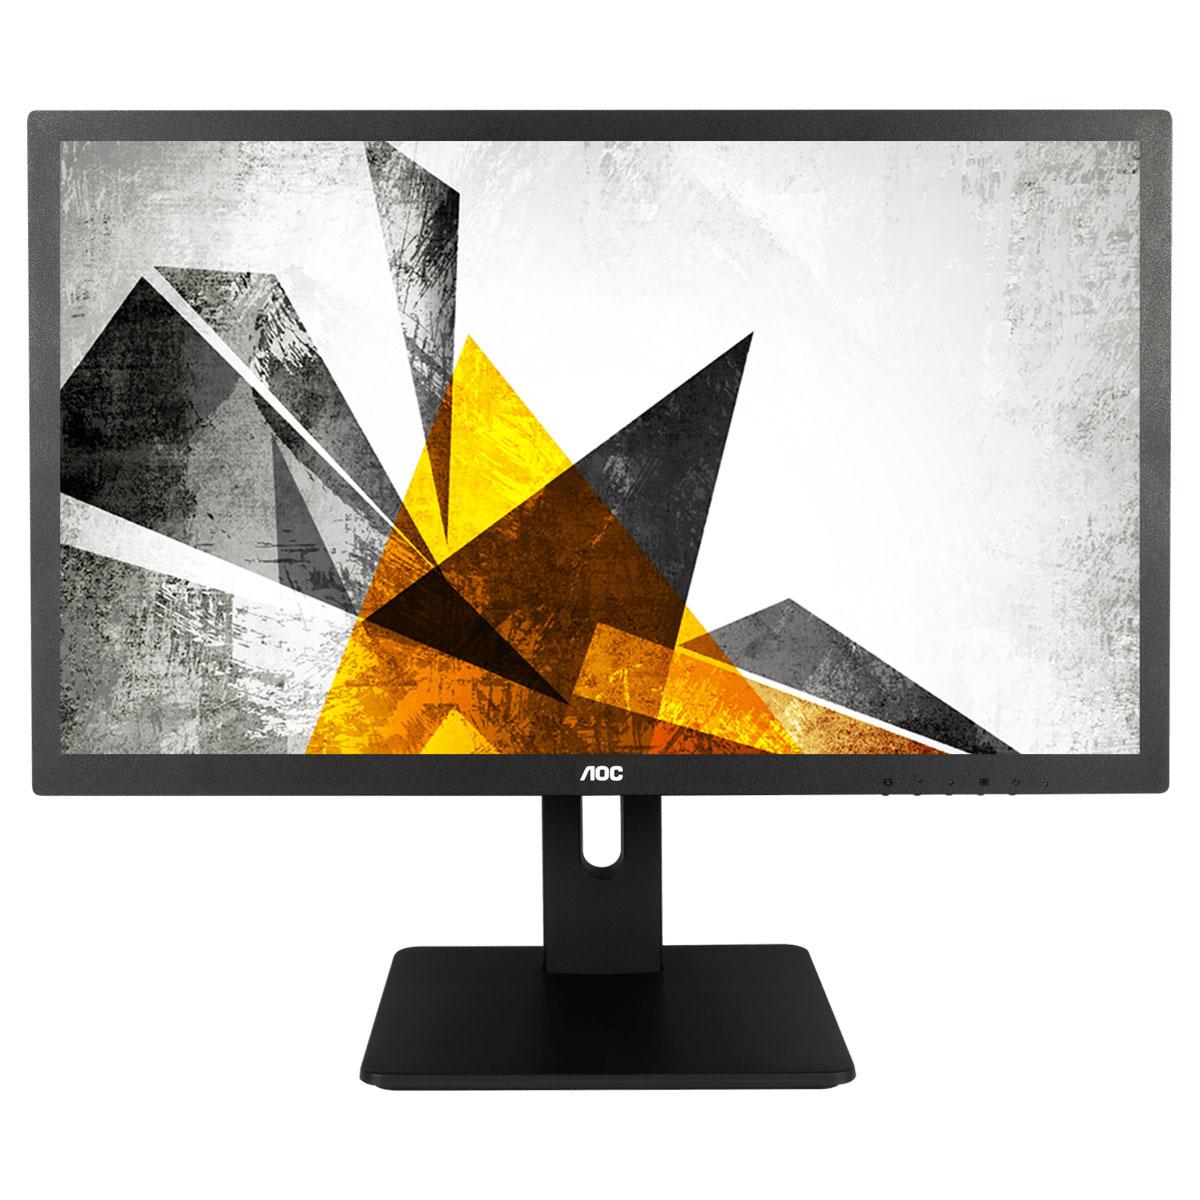 """Ecran PC AOC 21.5"""" LED - E2275PWQU 1920 x 1080 pixels - 2 ms (gris à gris) - Format large 16/9 - Dalle TN - Pivot - DisplayPort - HDMI - USB 3.0 - Noir"""